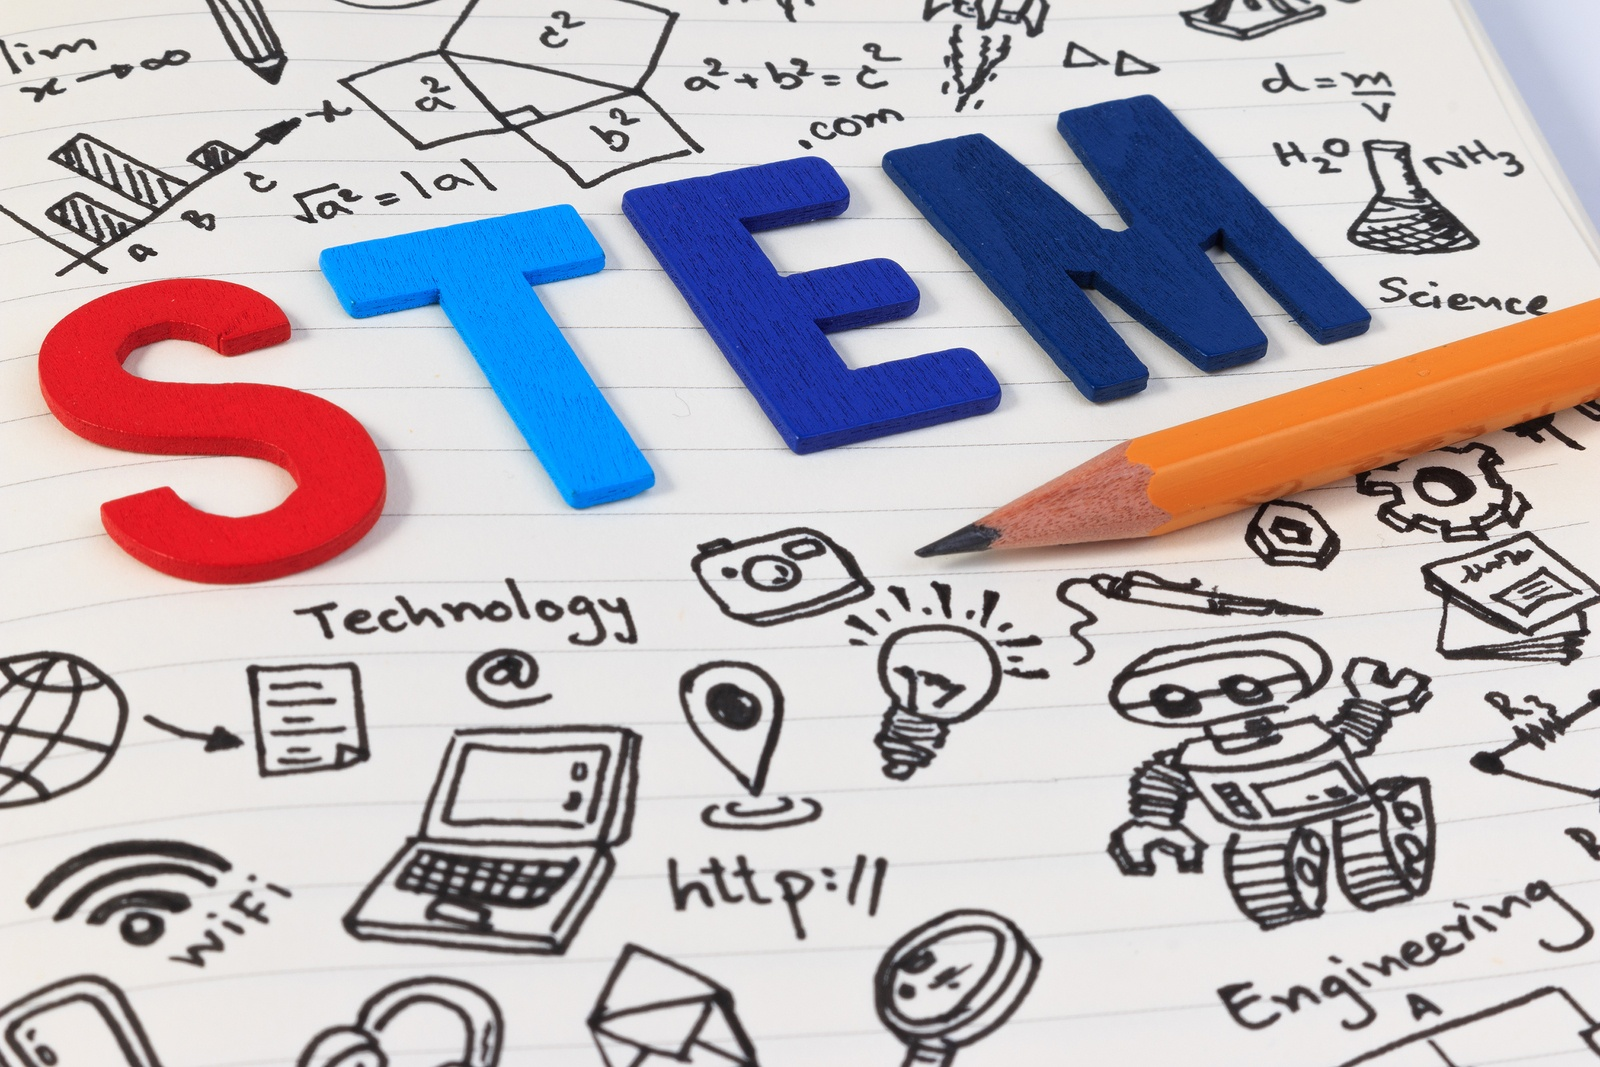 bigstock-Stem-Education-Science-Techno-136358159.jpg